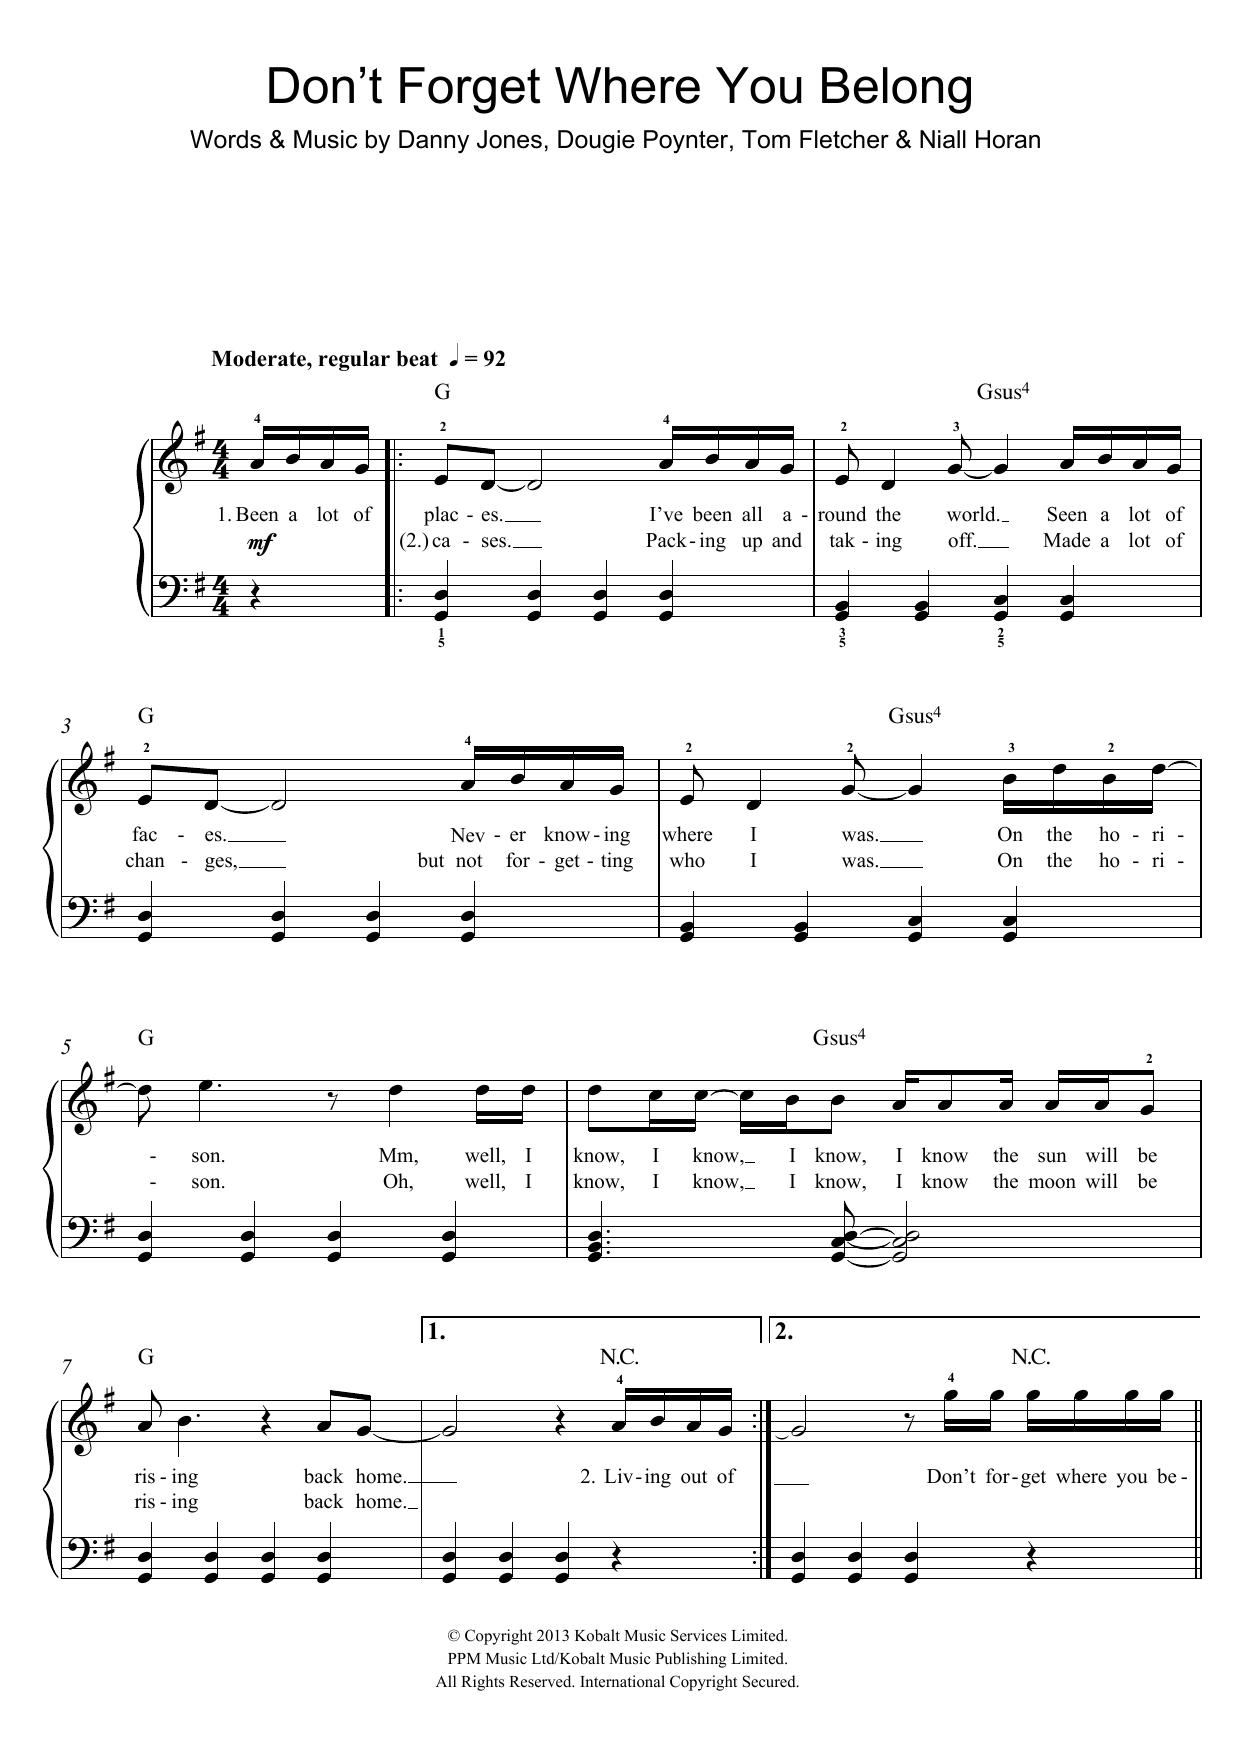 Sheet Music Digital Files To Print Licensed Danny Jones Digital